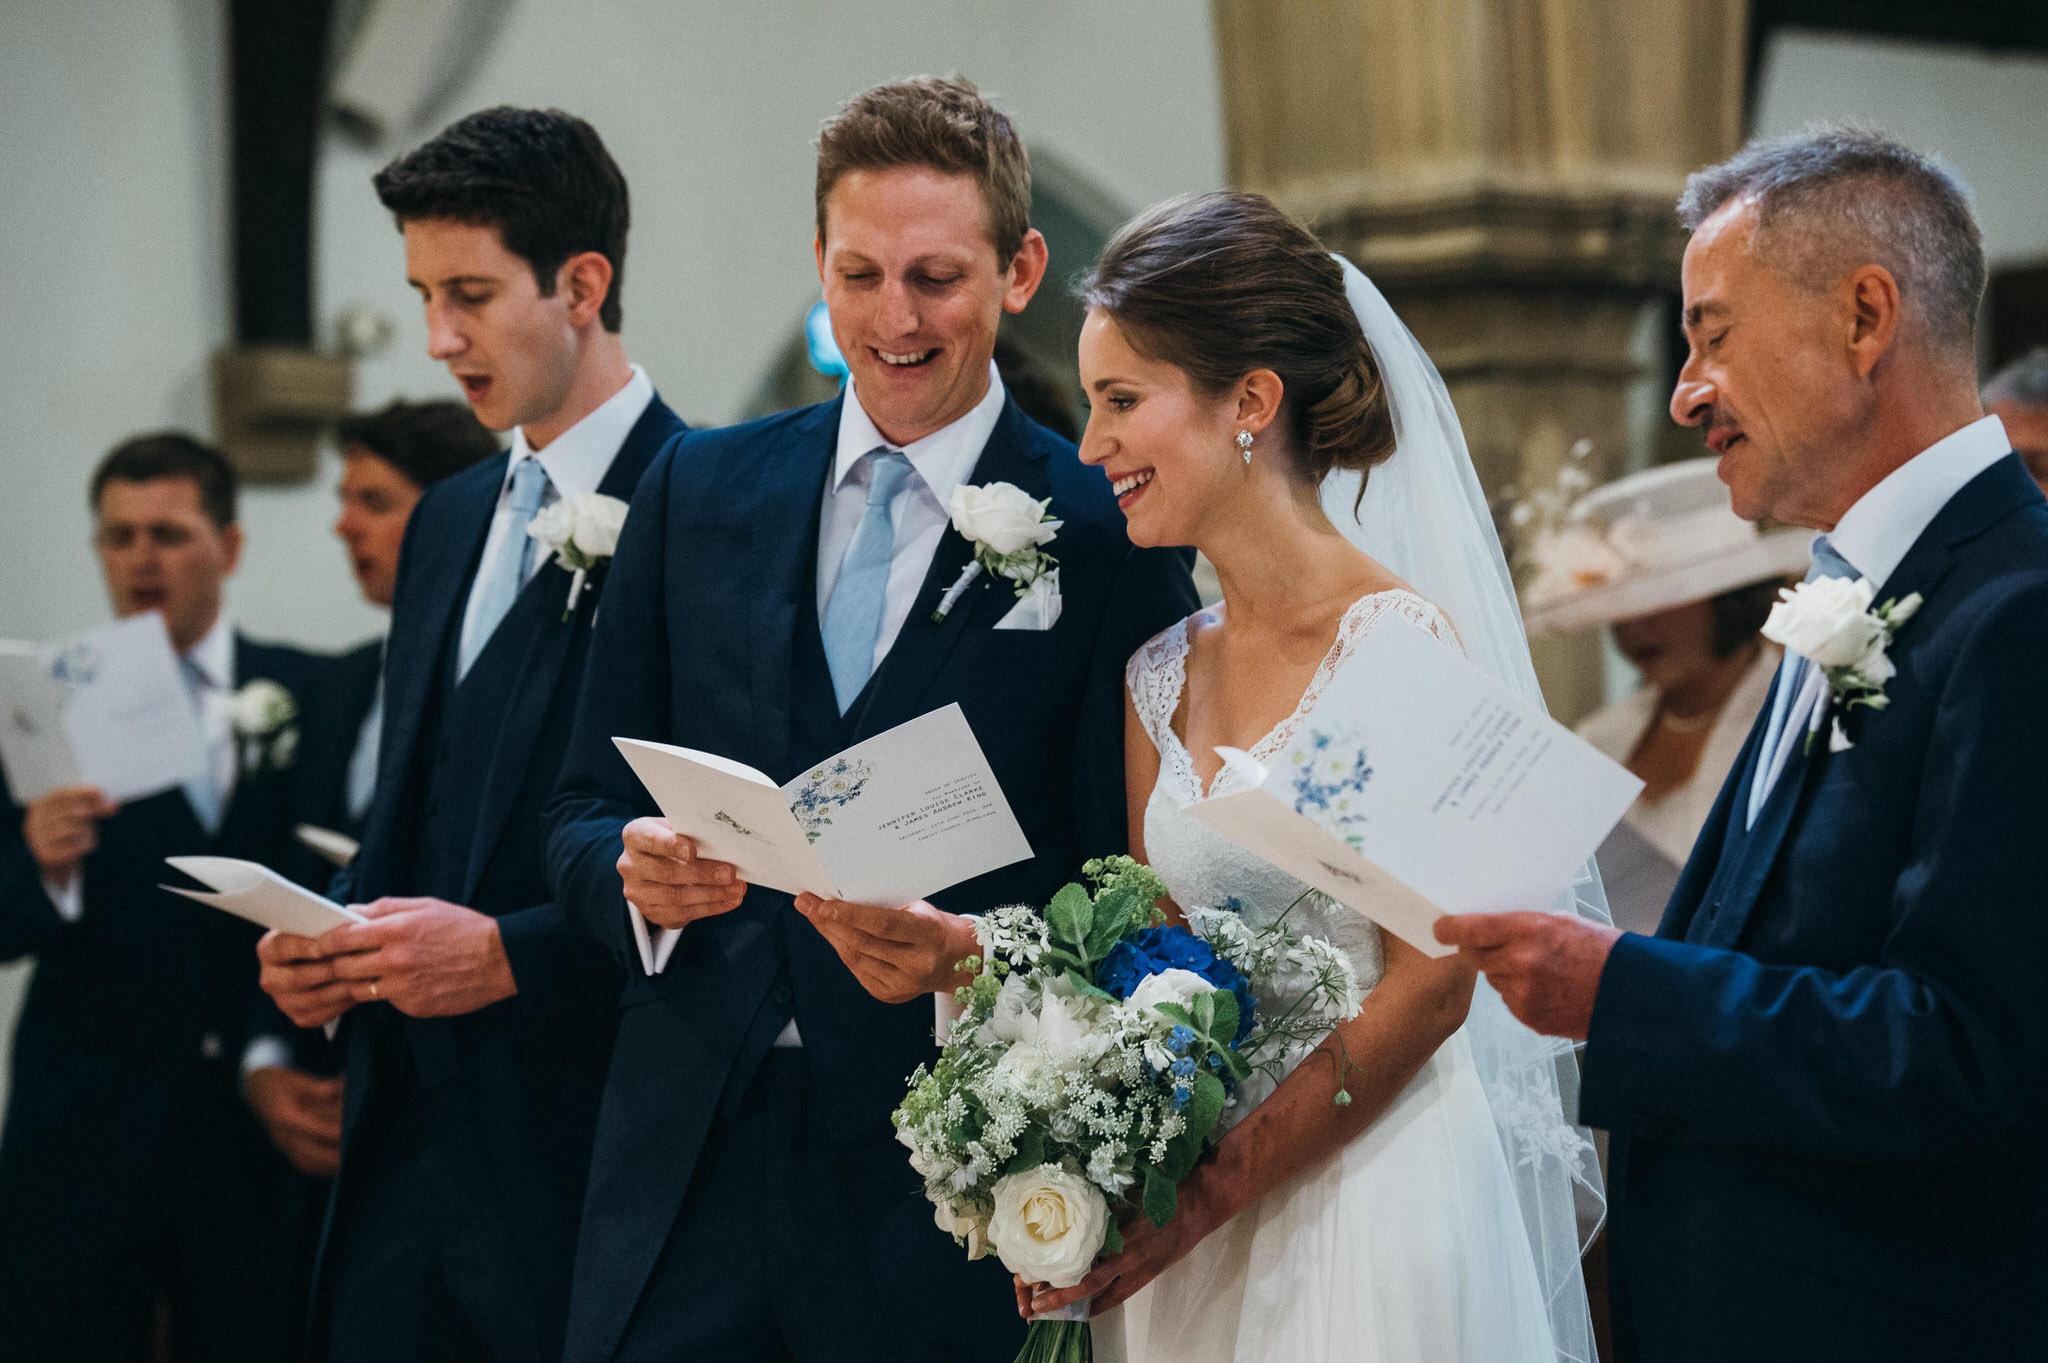 Christ Church Wimbledon wedding